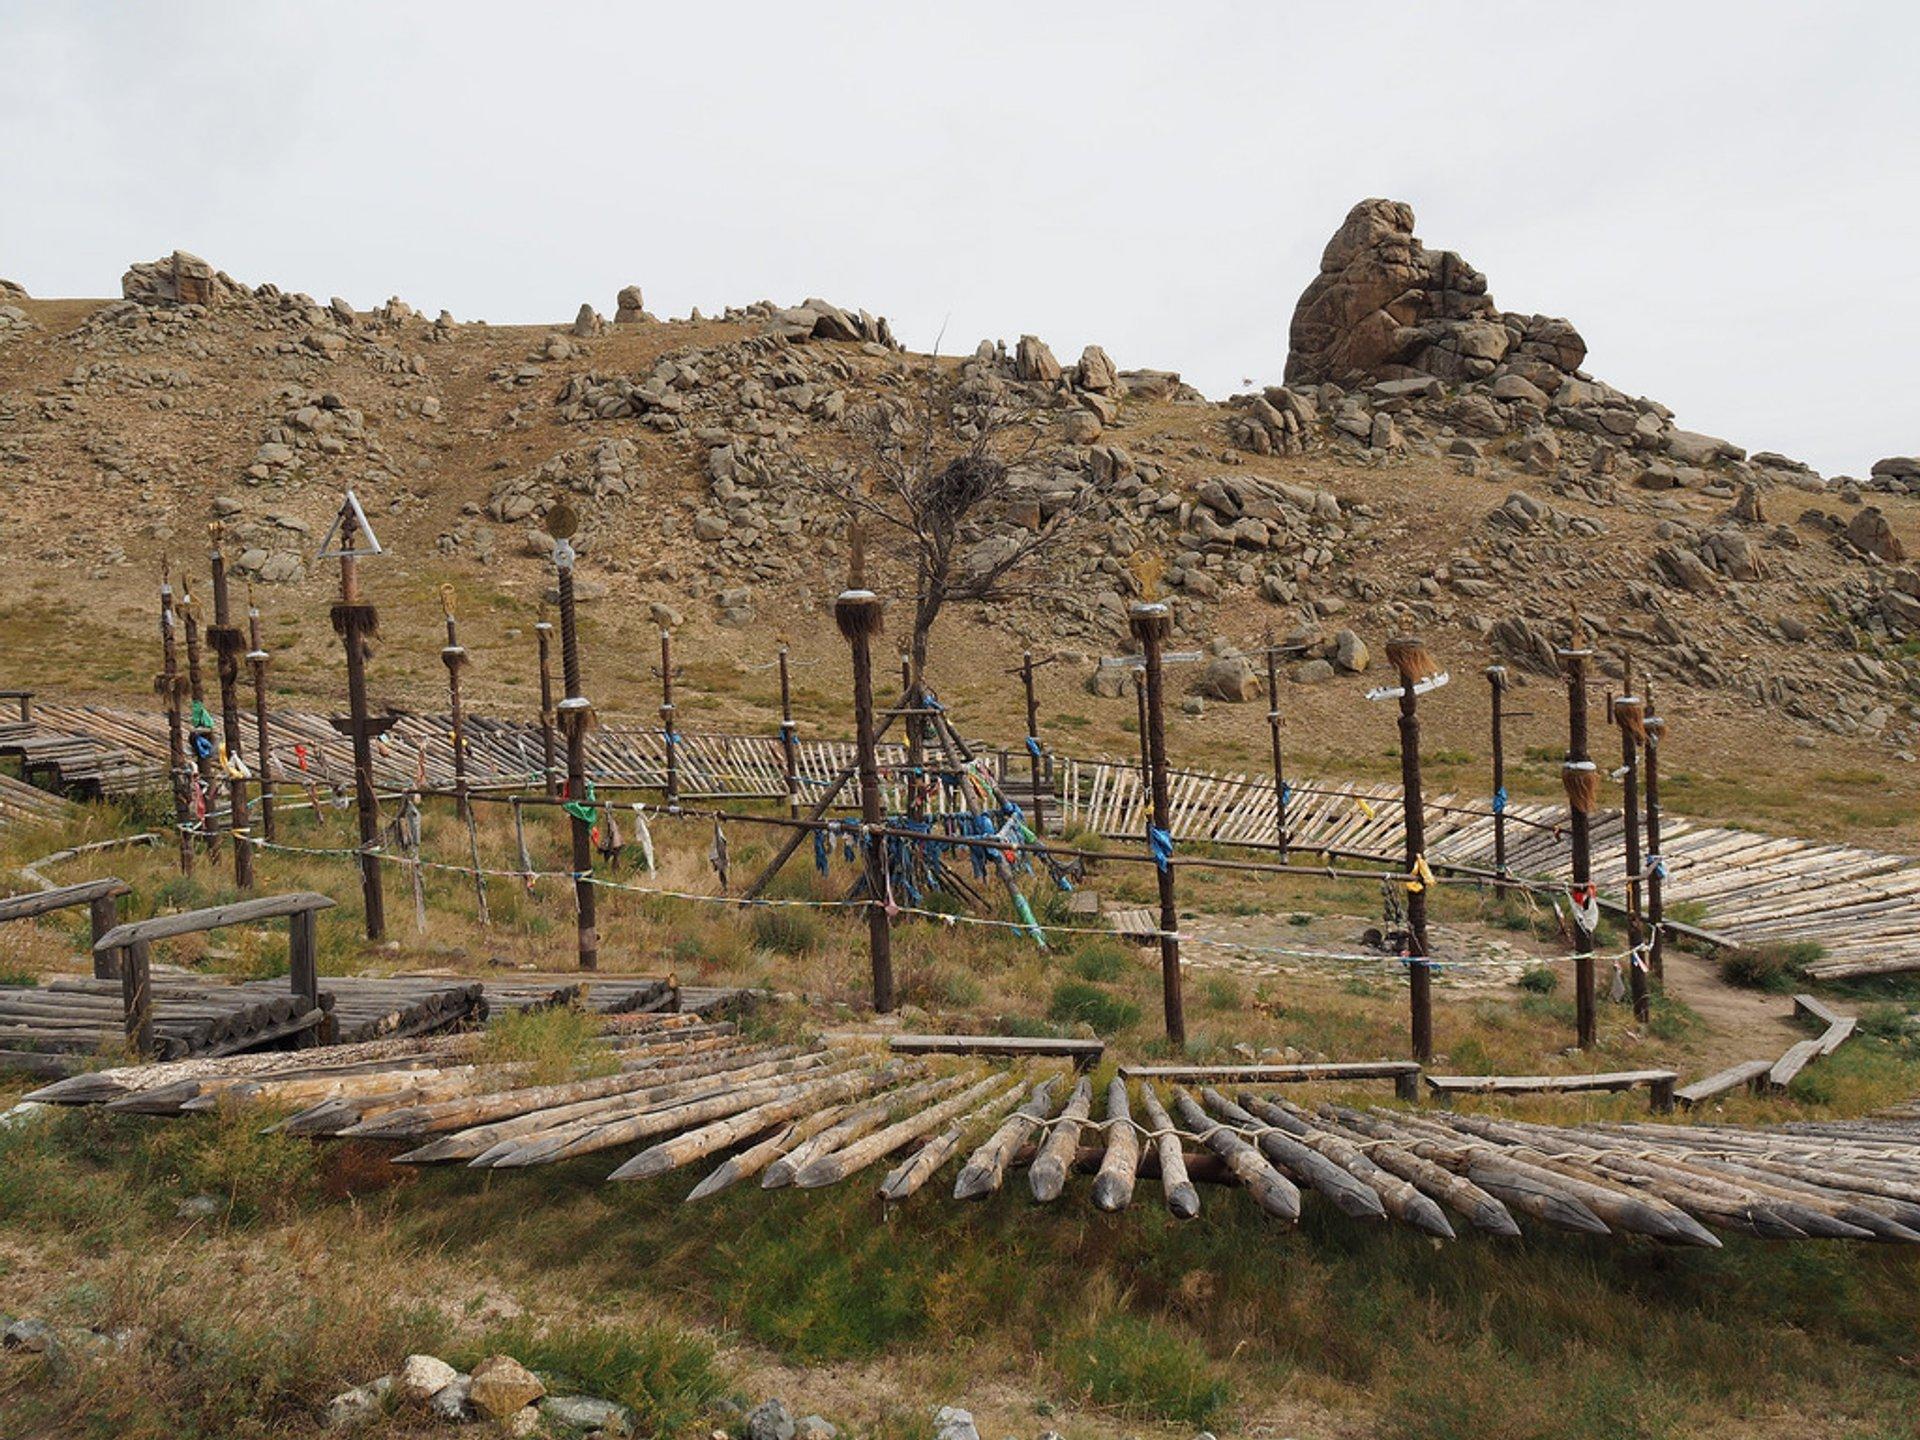 Shaman camp 2020